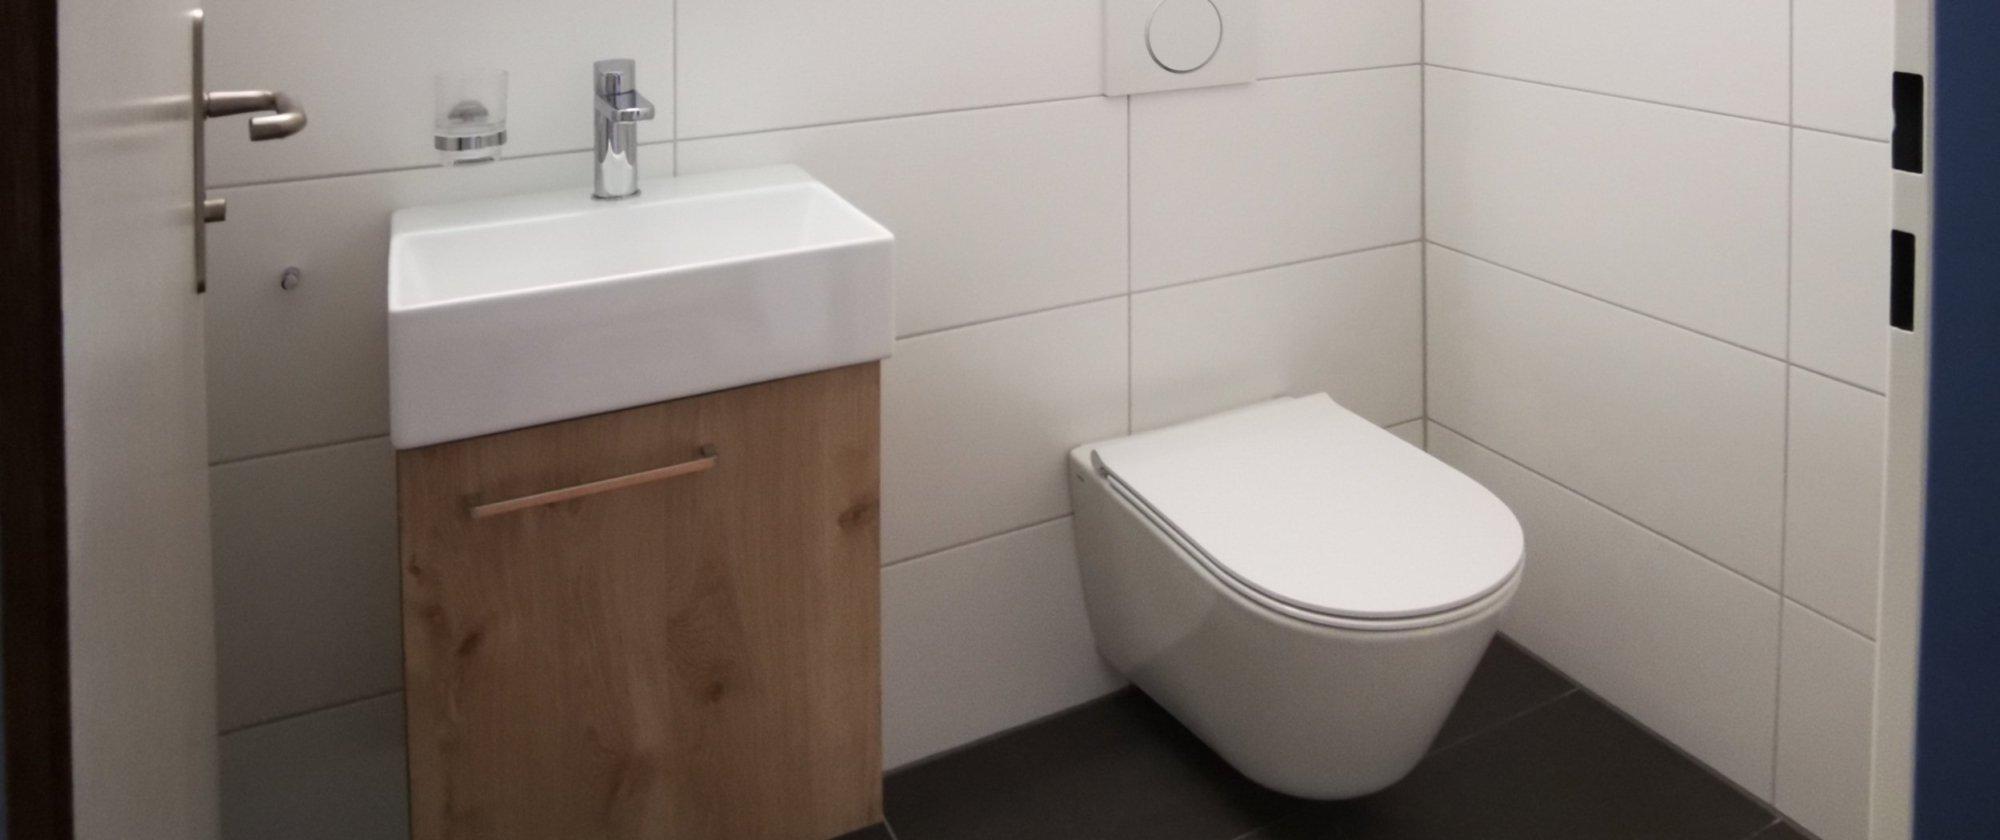 Neues Gäste-WC